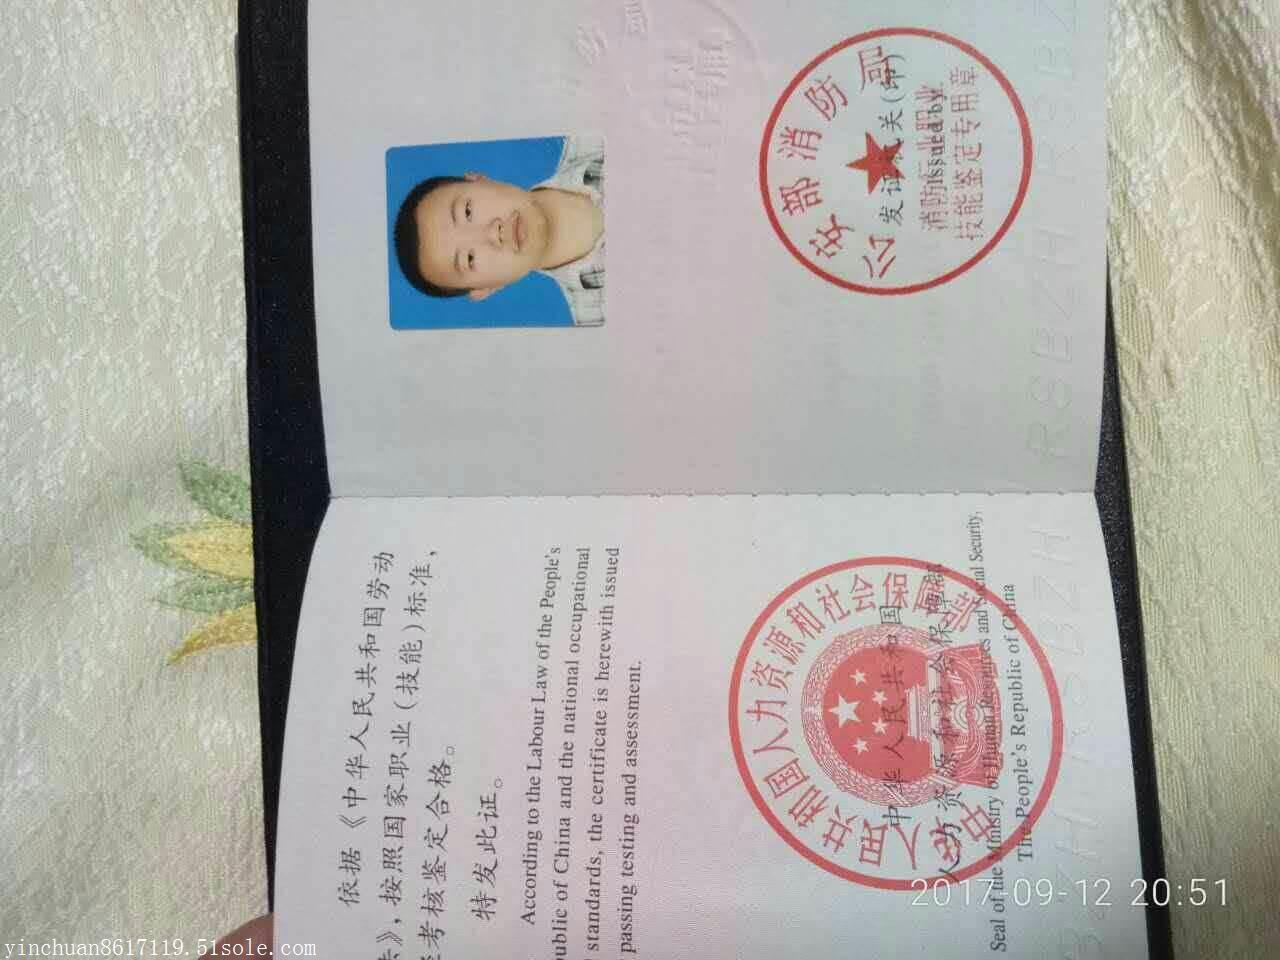 建构筑物消防员证;消防设施操作员证图片_高清